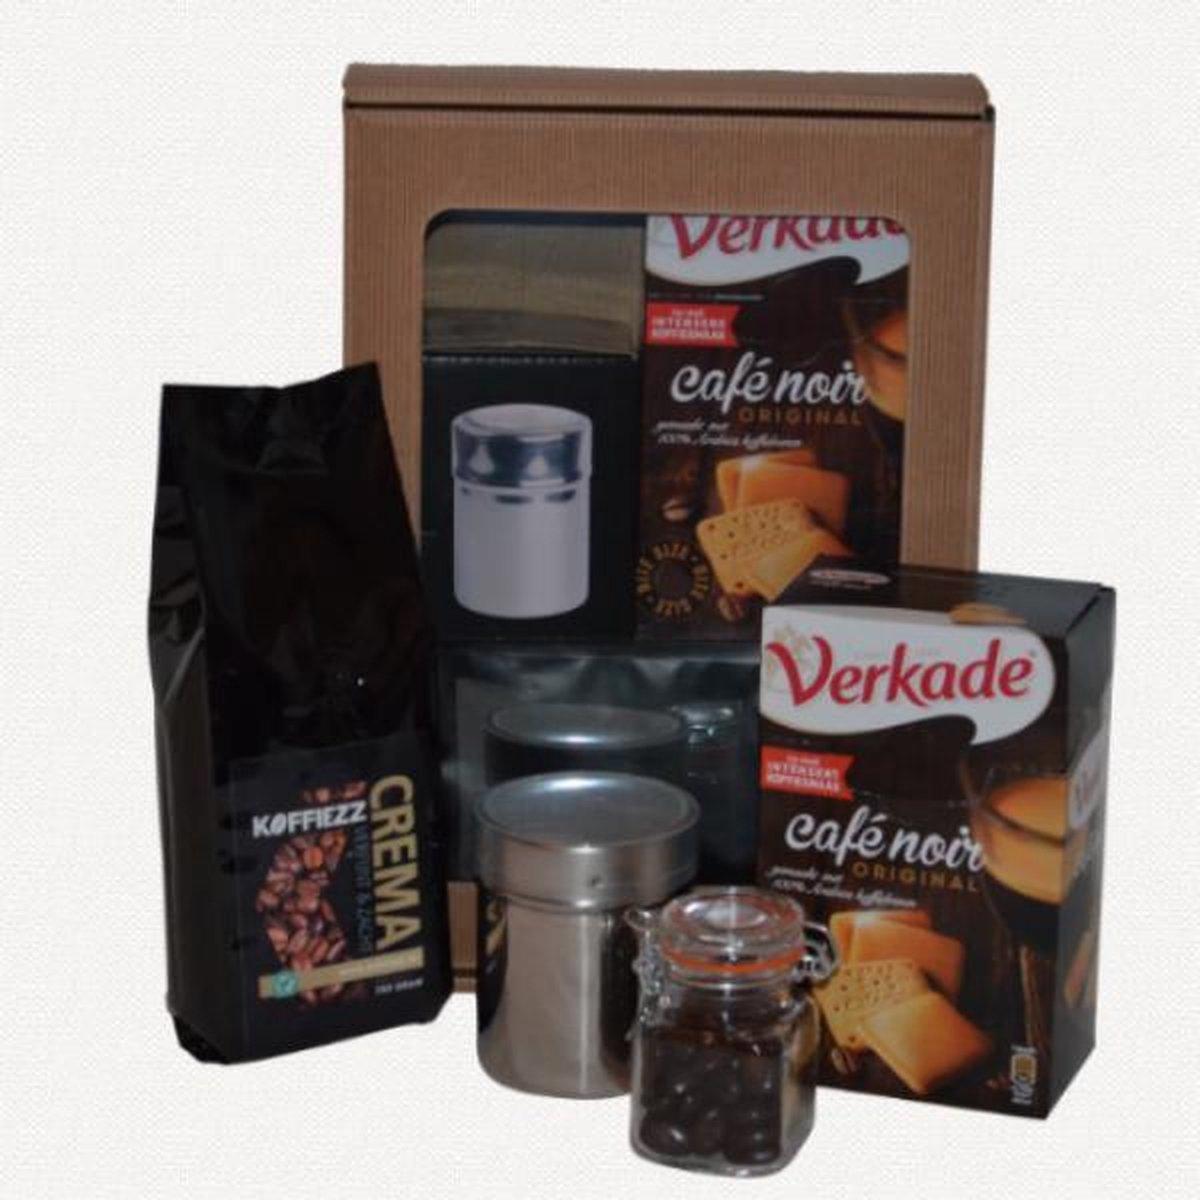 Koffiezz Koffie cadeau premium - koffiezz